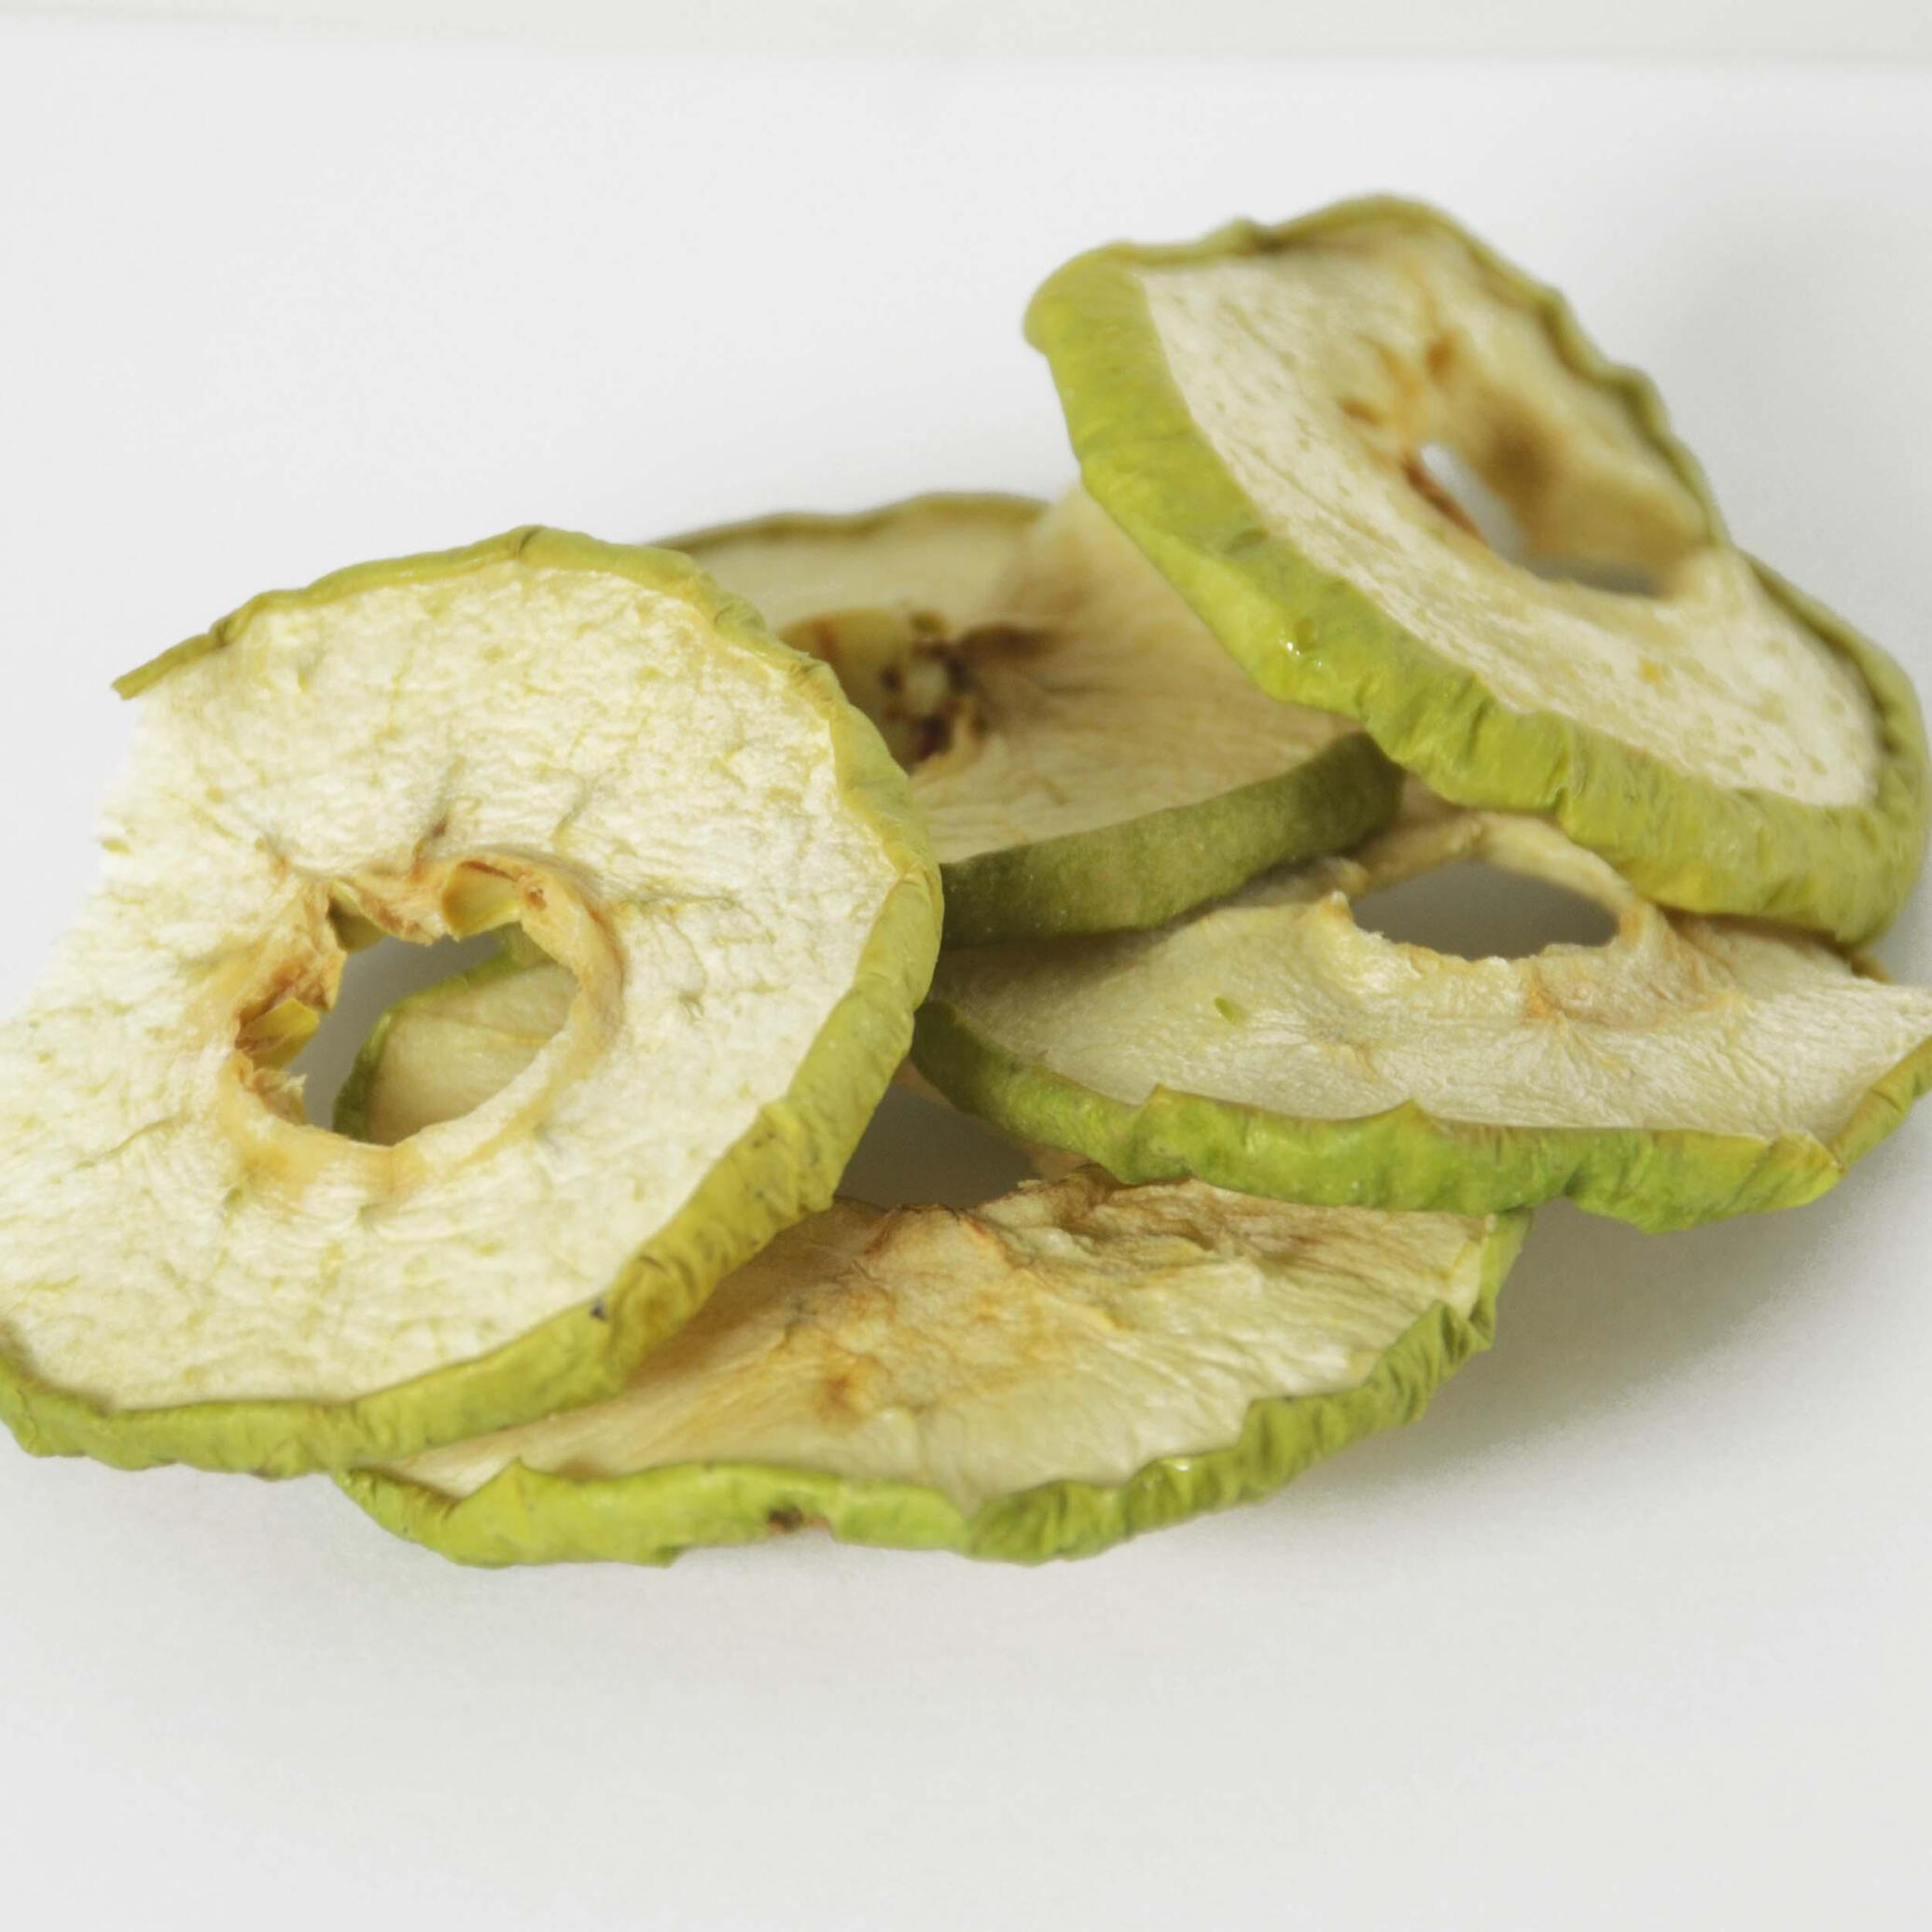 میوه خشک سیب سبز ترش وجیسنک خرید انلاین میوه خشک خشکبار چیپس میوه خرده و عمده تهران و شهرستان